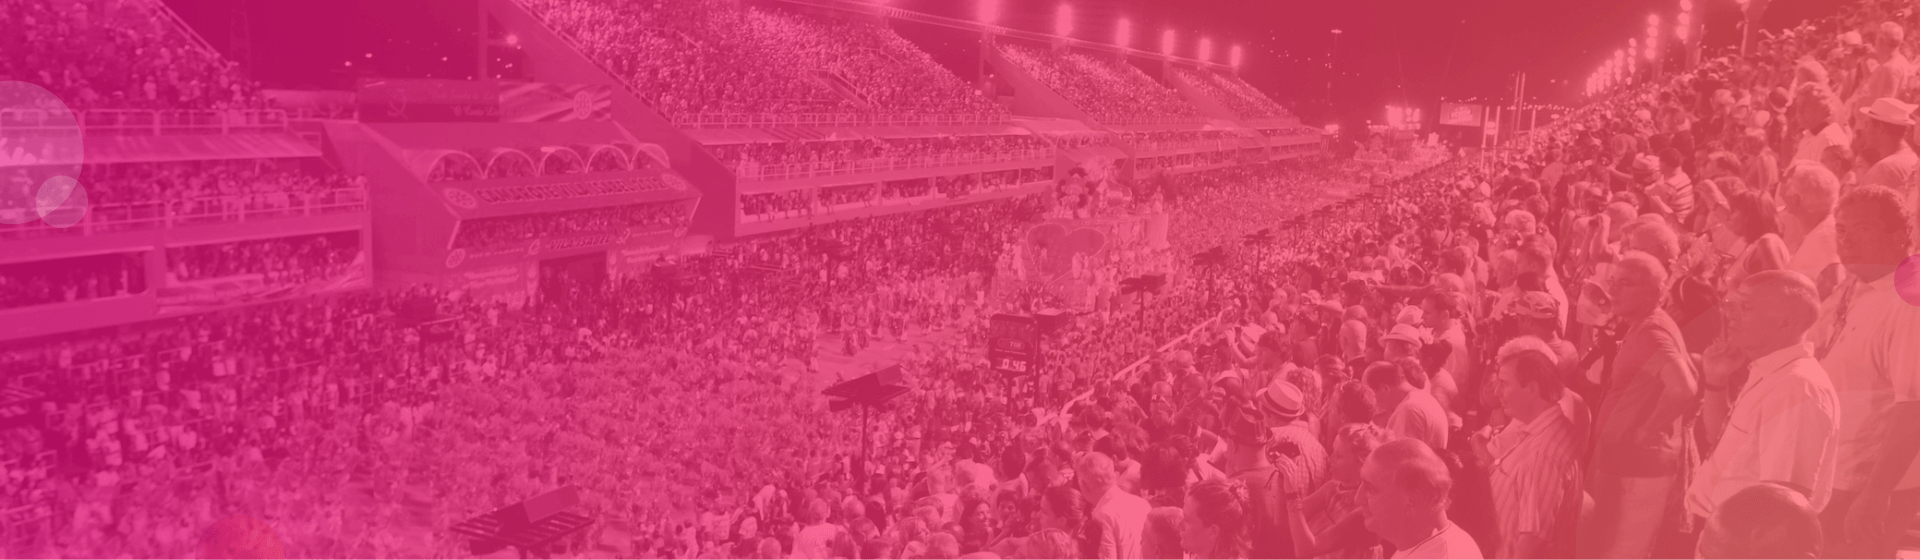 Tagesprogramm - Der Programmführer des Karnevals in Rio